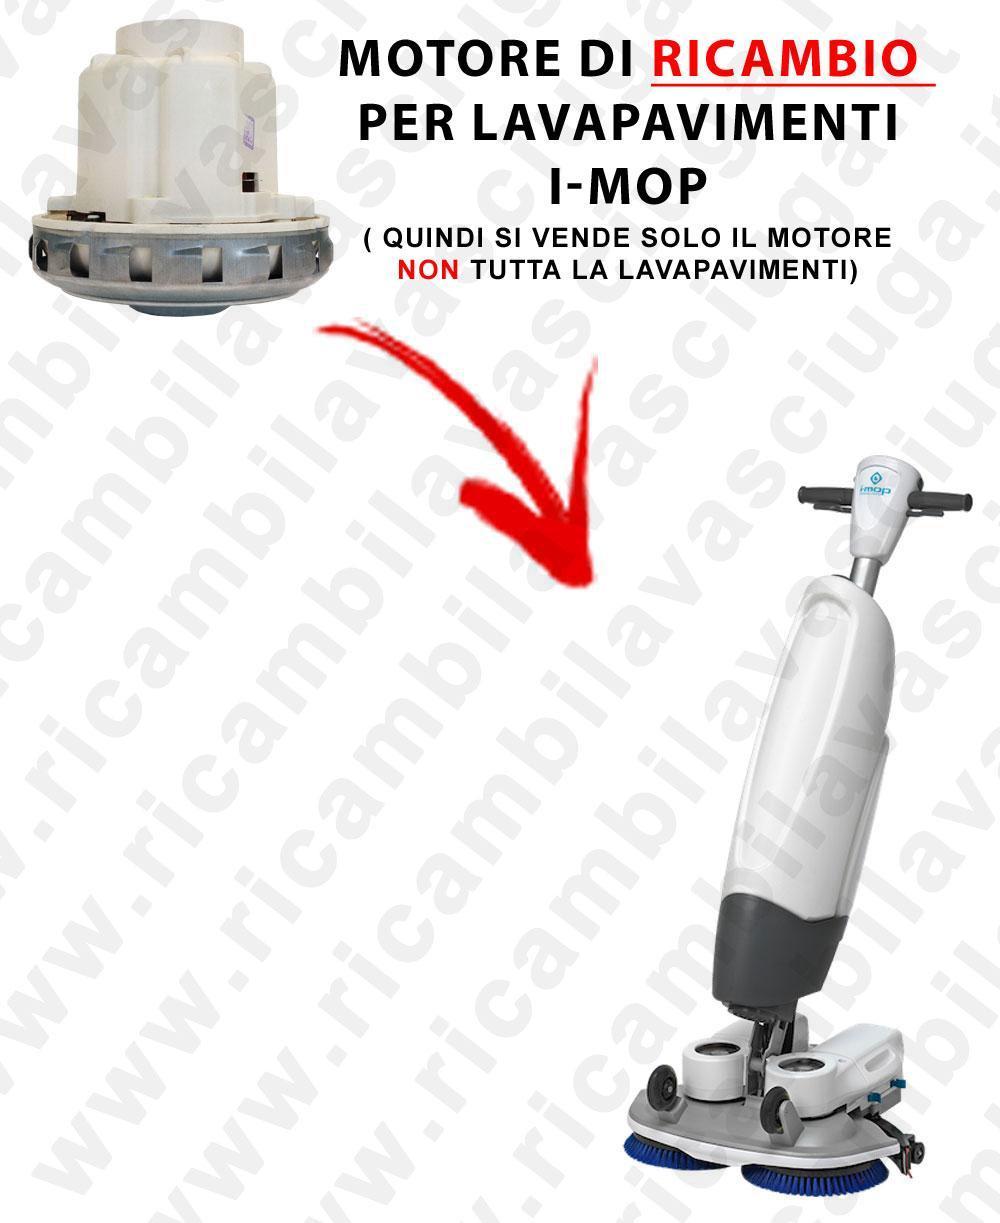 Replace Vacuum motor  for I-MOP (in questa asta si vende solo il MOTORE)